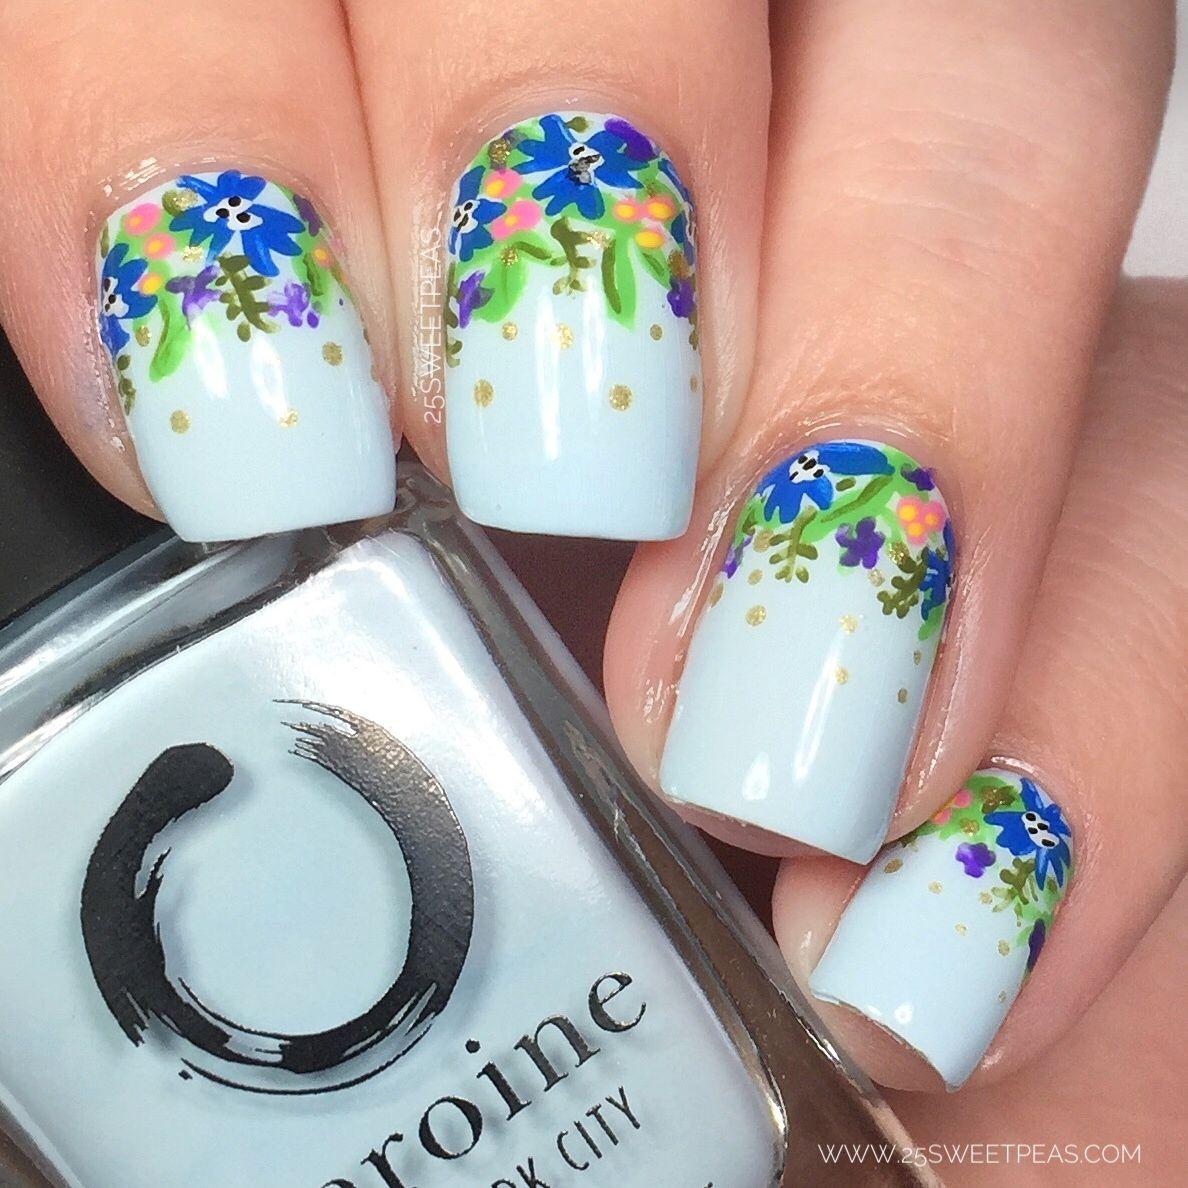 Peekablue in 2020 Floral nail art, Nail art, Nail